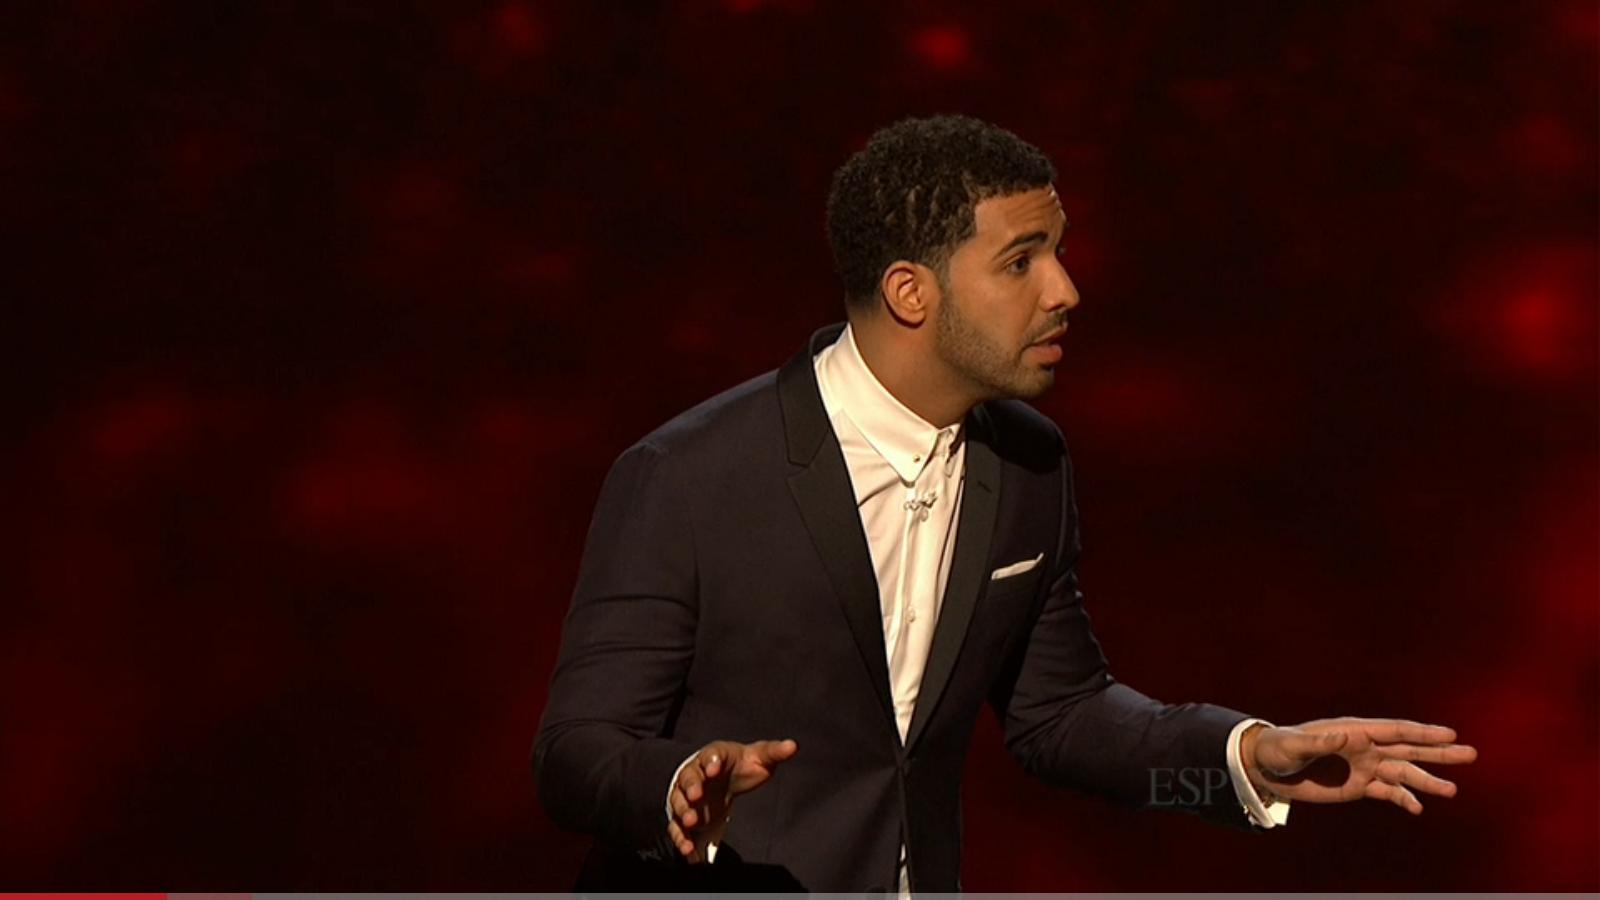 Drake at ESPYs hosting